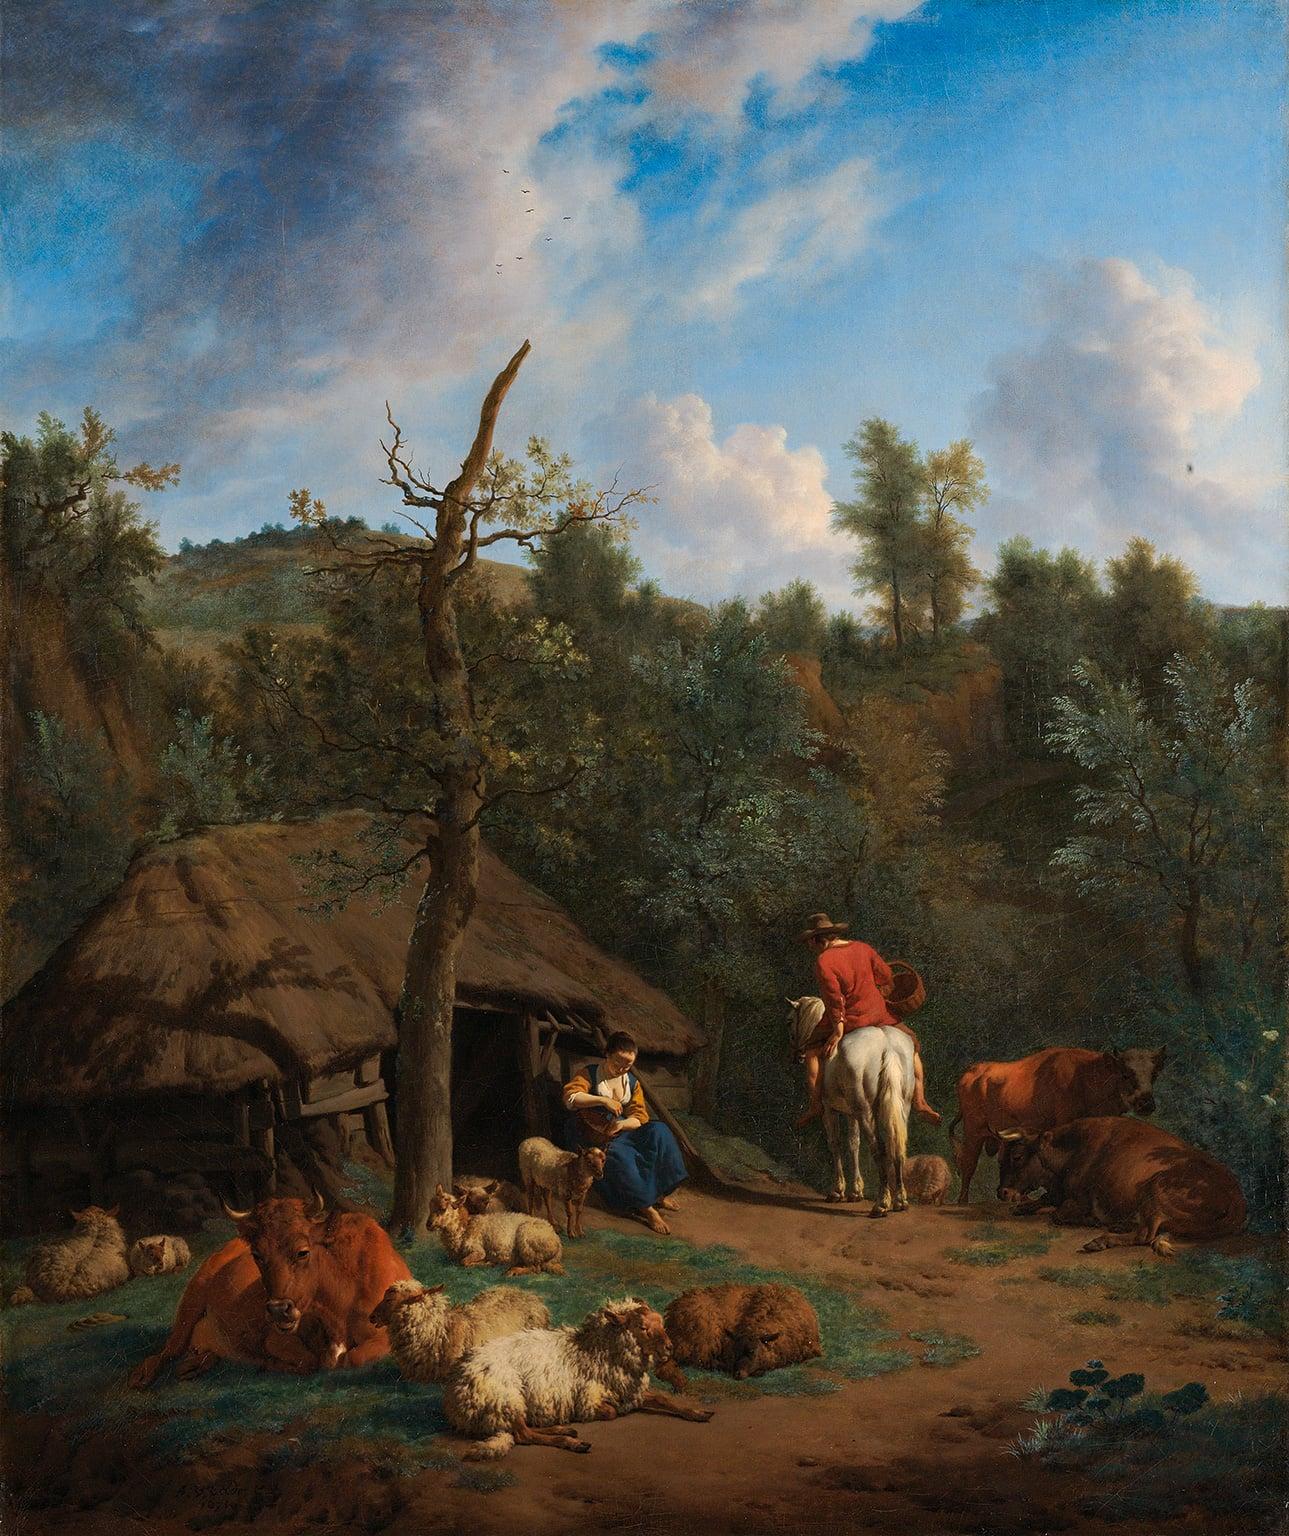 Adriaen van de Velde, The Hut (1671, Rijksmuseum, Amsterdam)